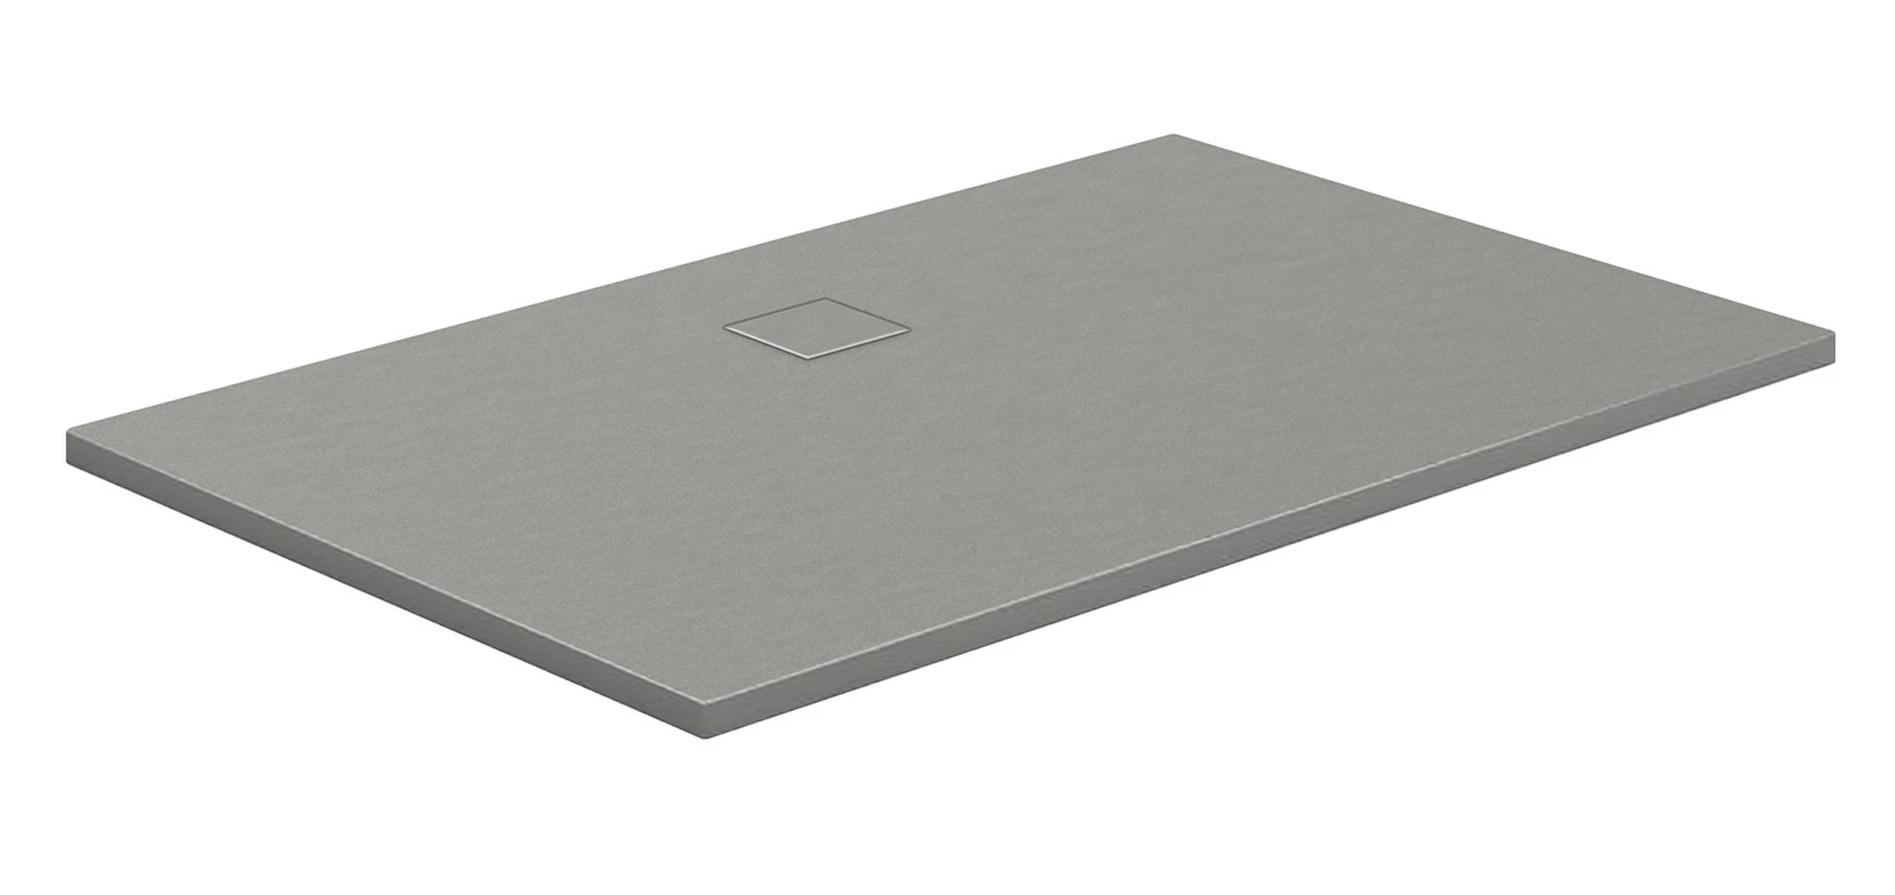 HSK Marmor-Polymer-Duschwannen, Steinoptik - Rechteck 90x100 Sandstein mit AntiSlip-Beschichtigung